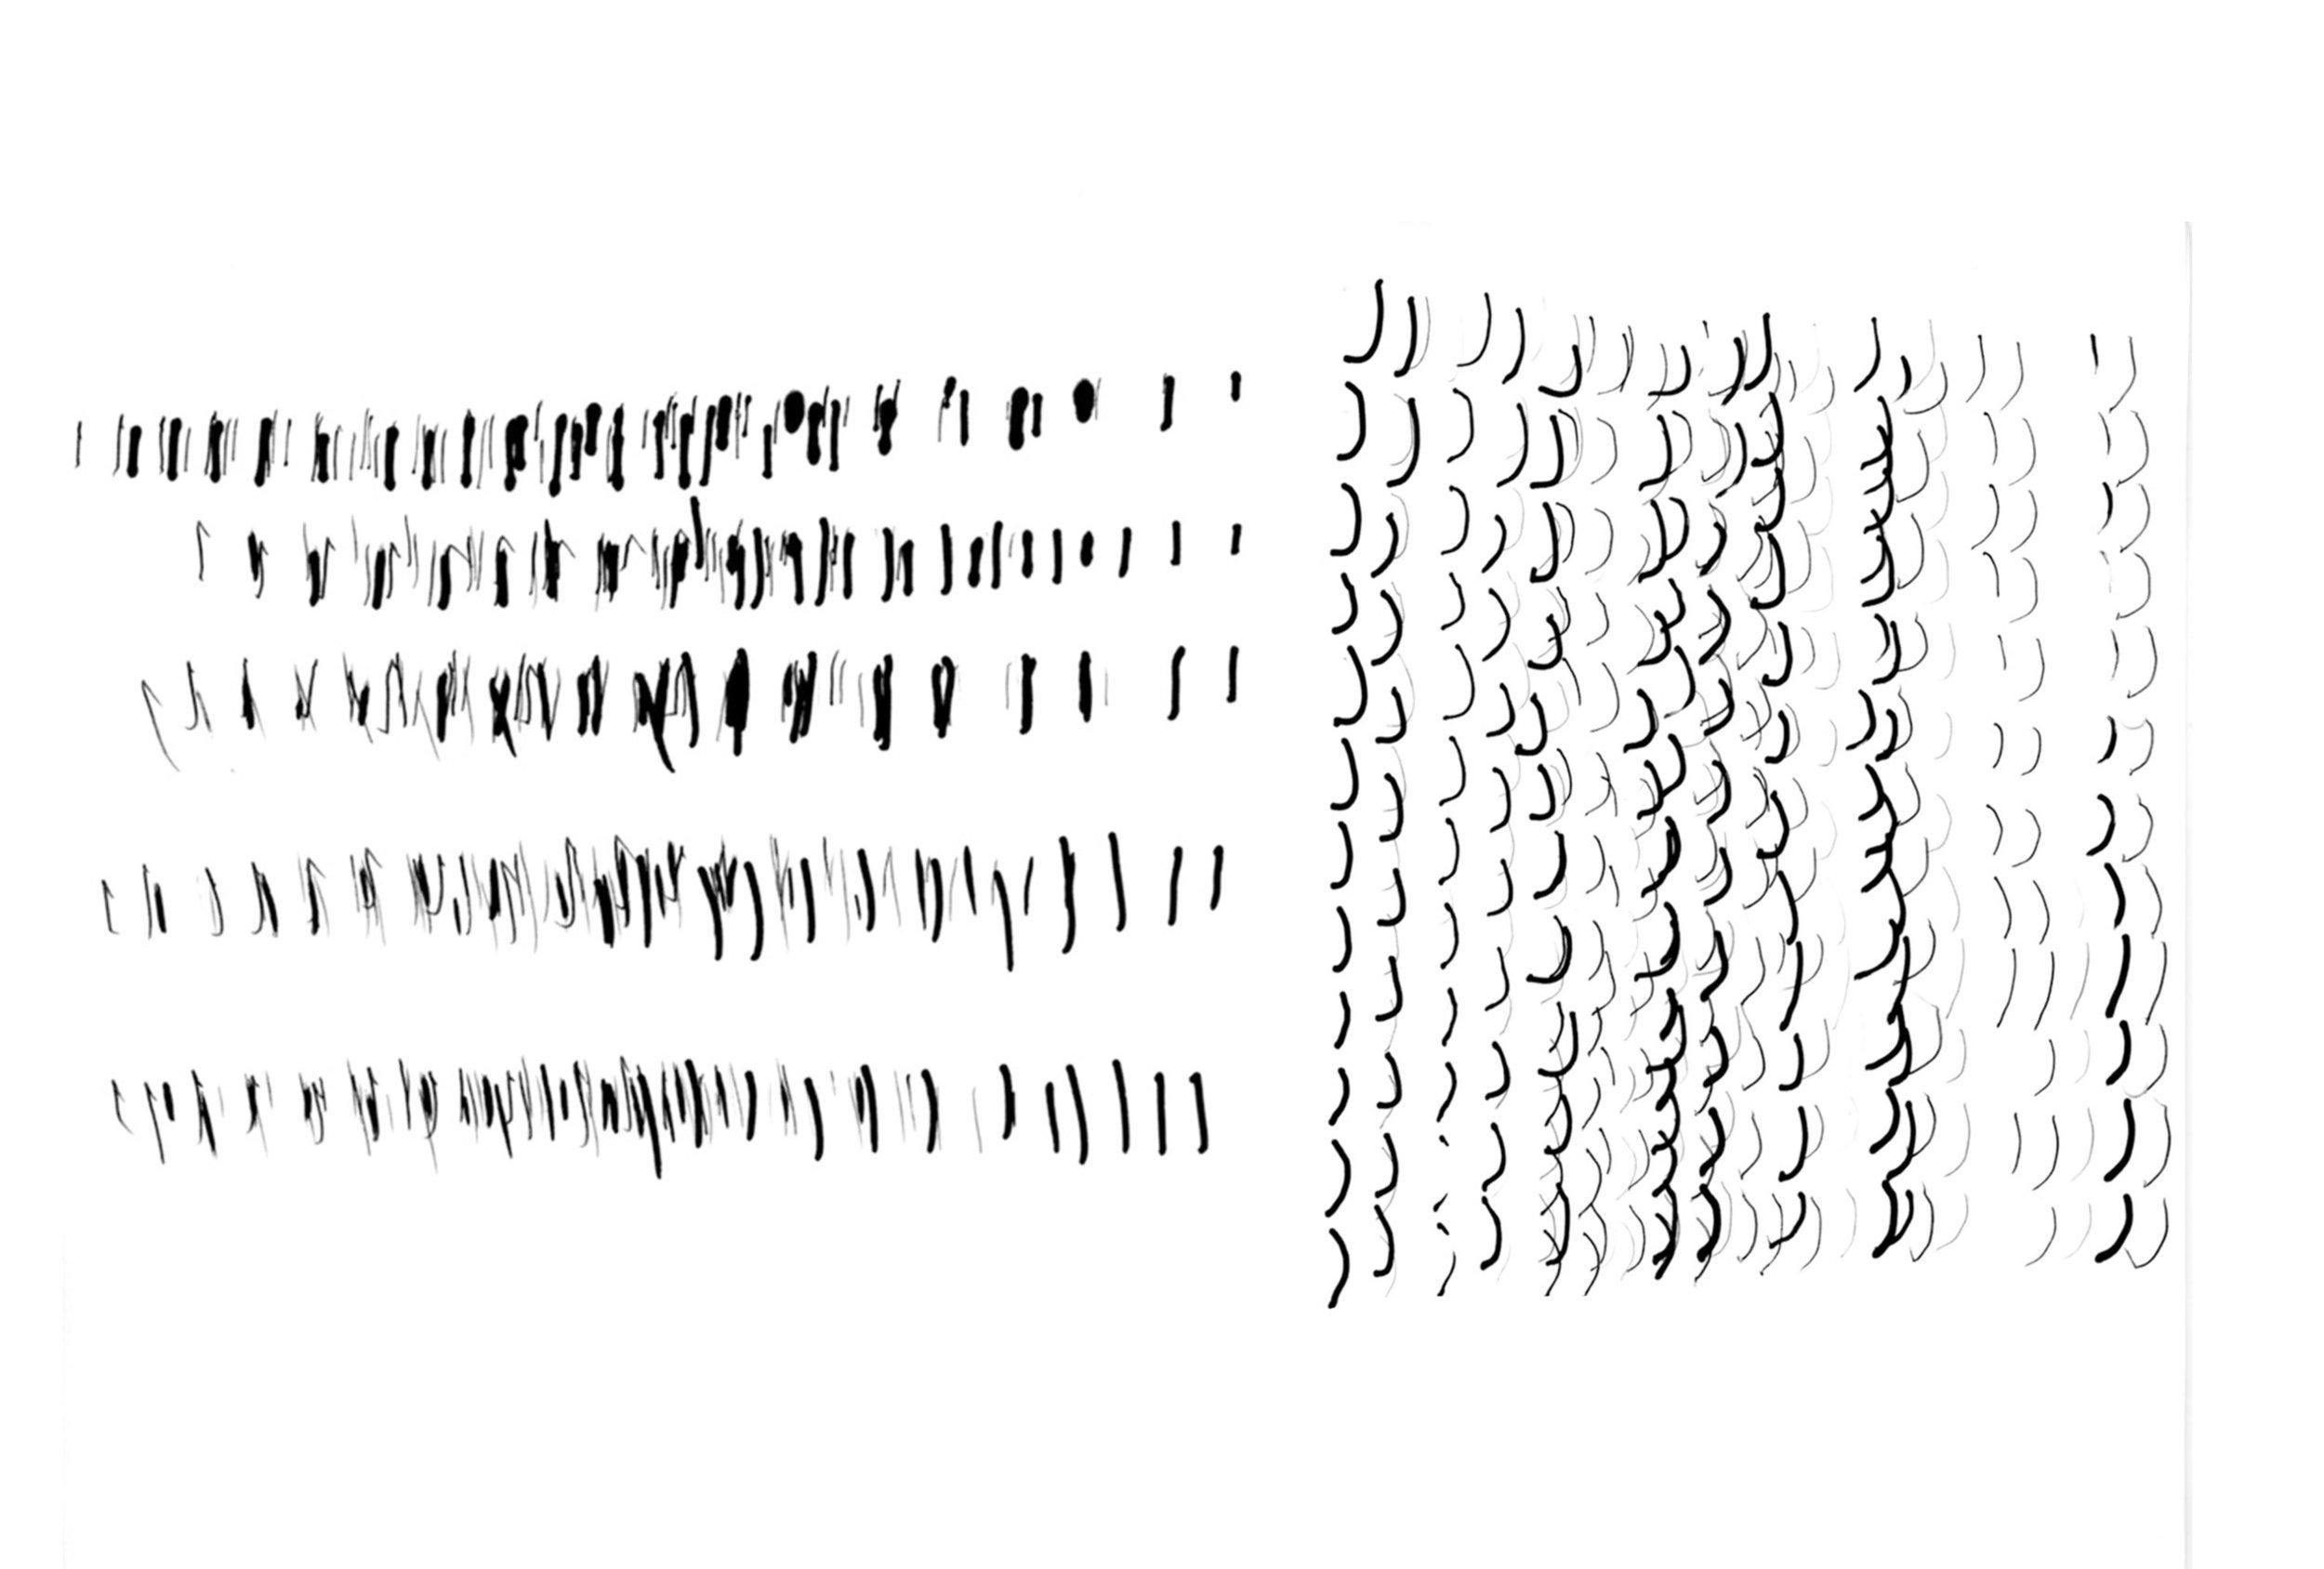 2008-oberflex-obersound-espace-sketches-2.jpg